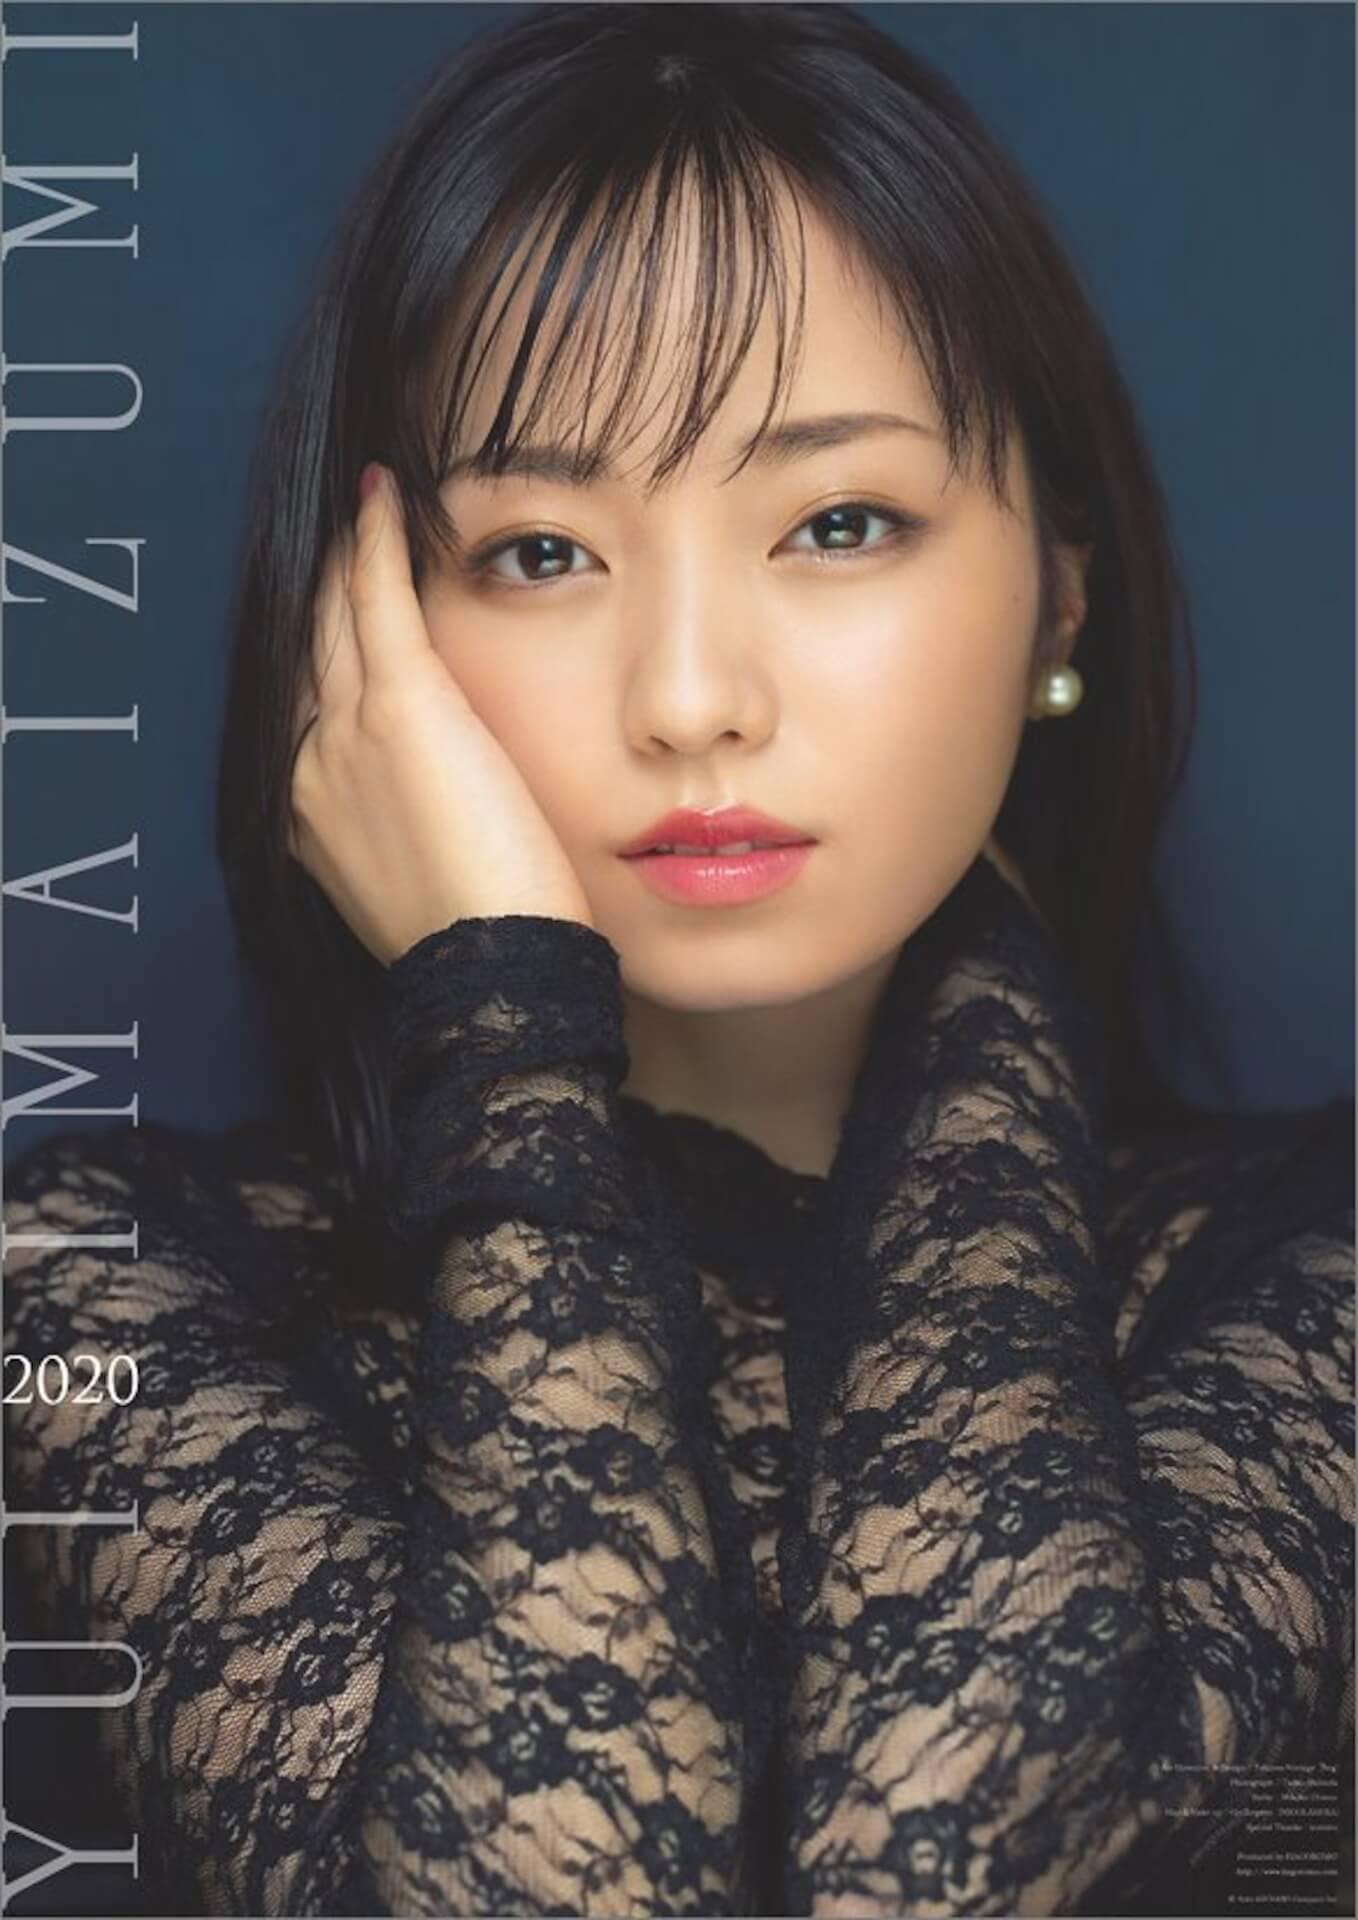 大人の魅力漂う今泉佑唯の表情に注目!自身初のカレンダー発売 記念イベントも開催 art191012_imaizumiyui_1